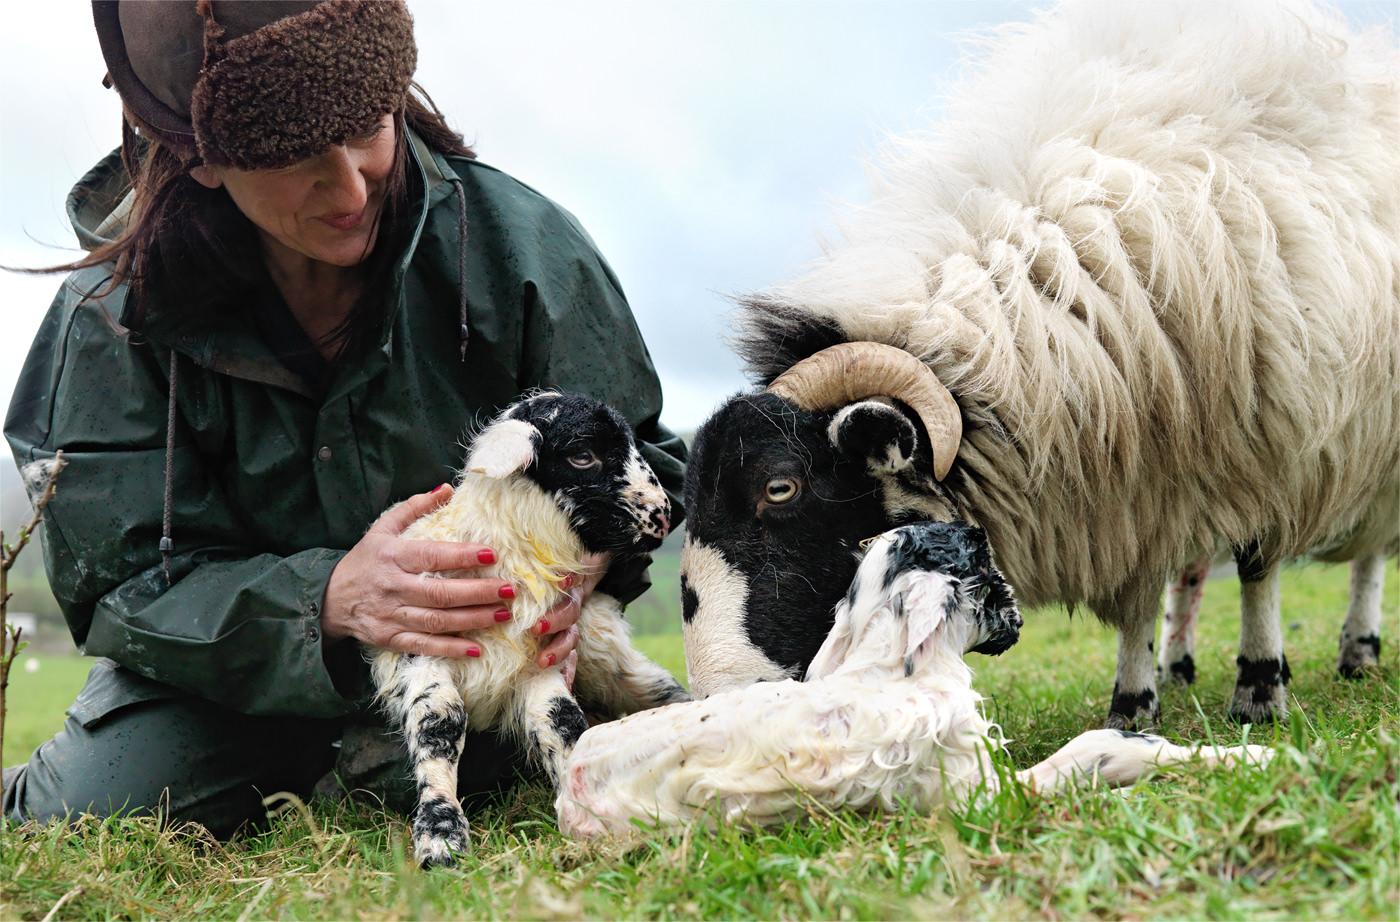 shepherdess_morning_chores.jpg